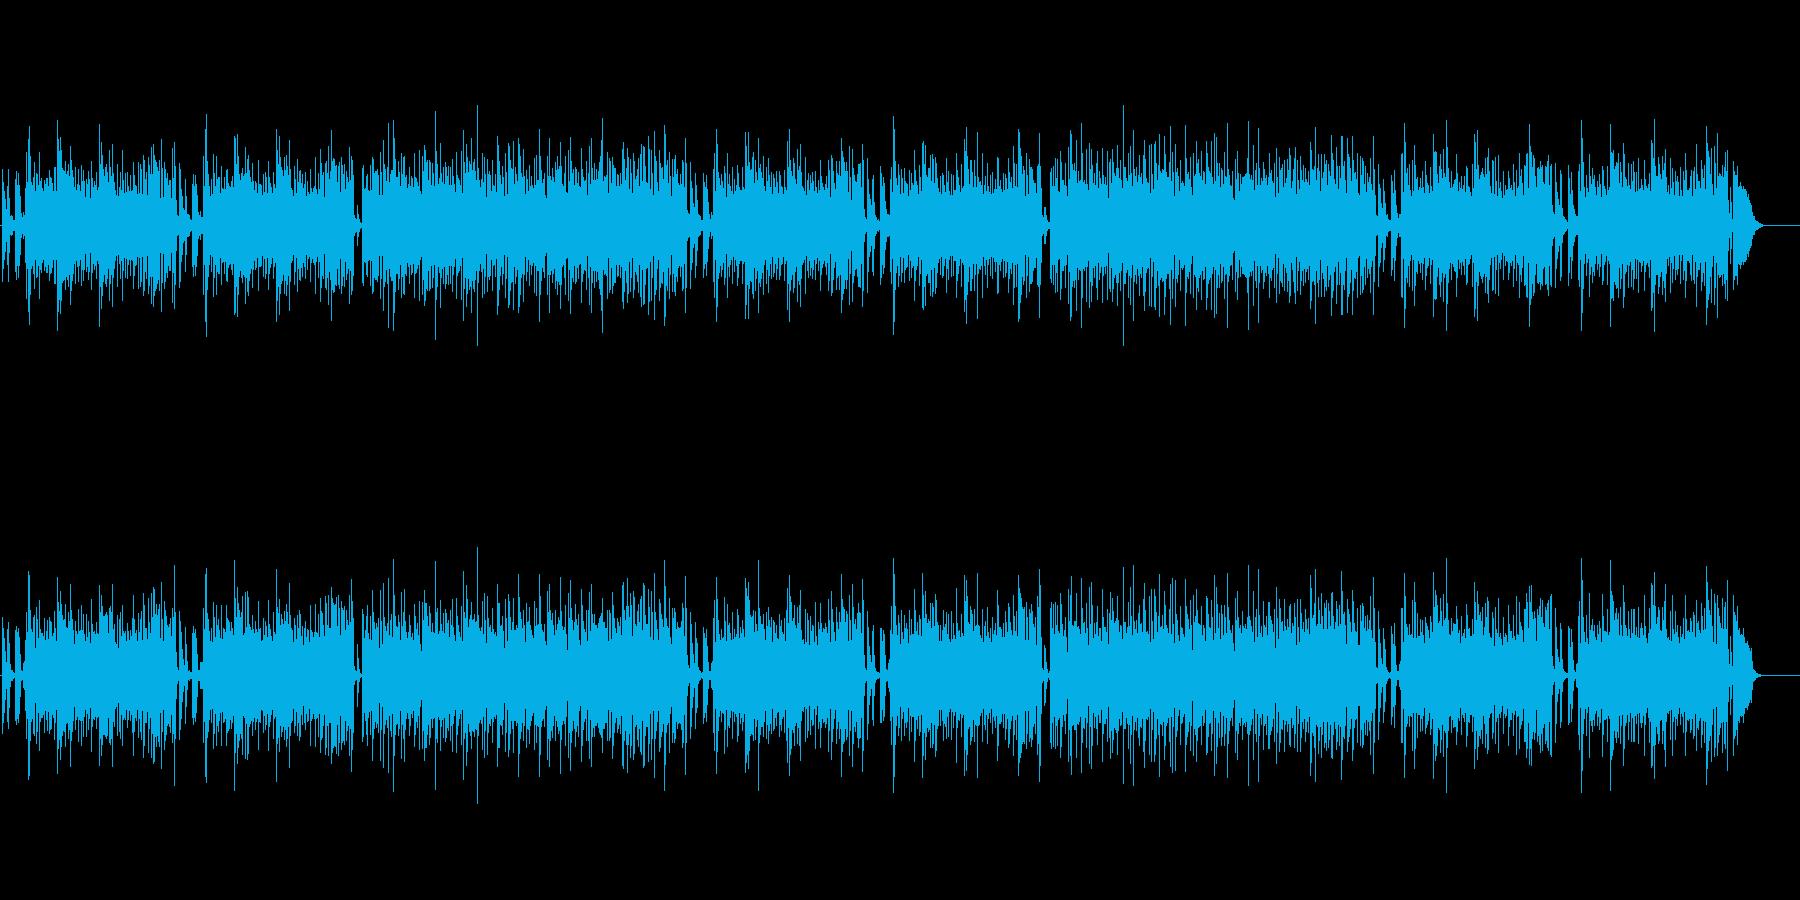 ヨーロピアン風ピアノ・バラードの再生済みの波形